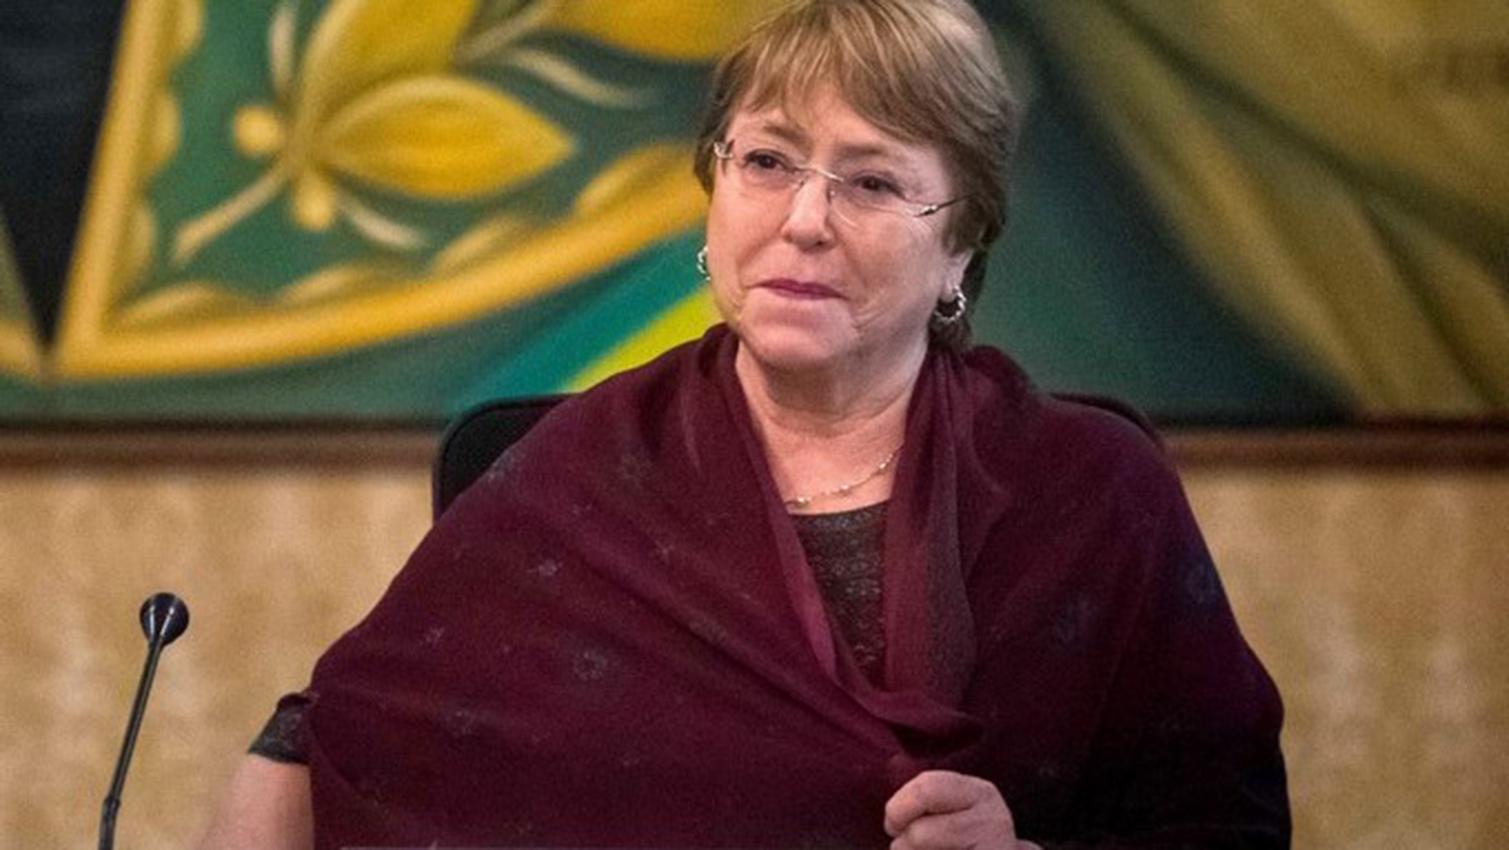 La segunda jornada en Caracas de la expresidenta chilena estuvo ocupada principalmente en reuniones a puerta cerrada